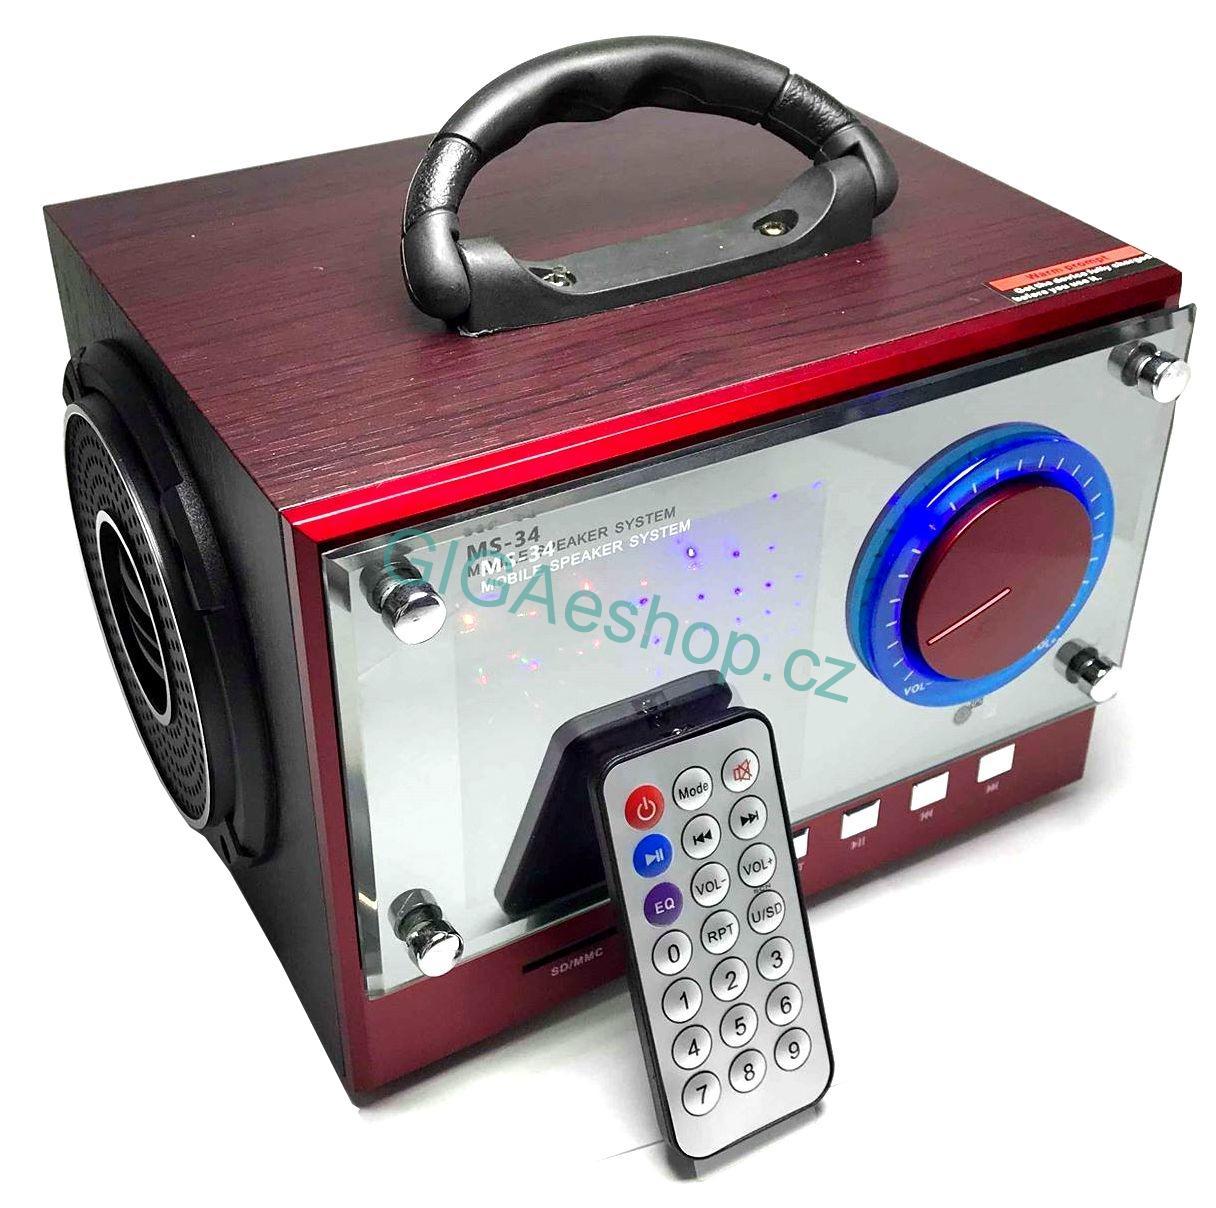 BEZDRÁTOVÝ BLUETOOTH REPRODUKTOR, FM RÁDIO (Nabíjecí, přenosný, bluetooth reproduktor s ovladačem a FM rádiem, USB, SD, AUX)